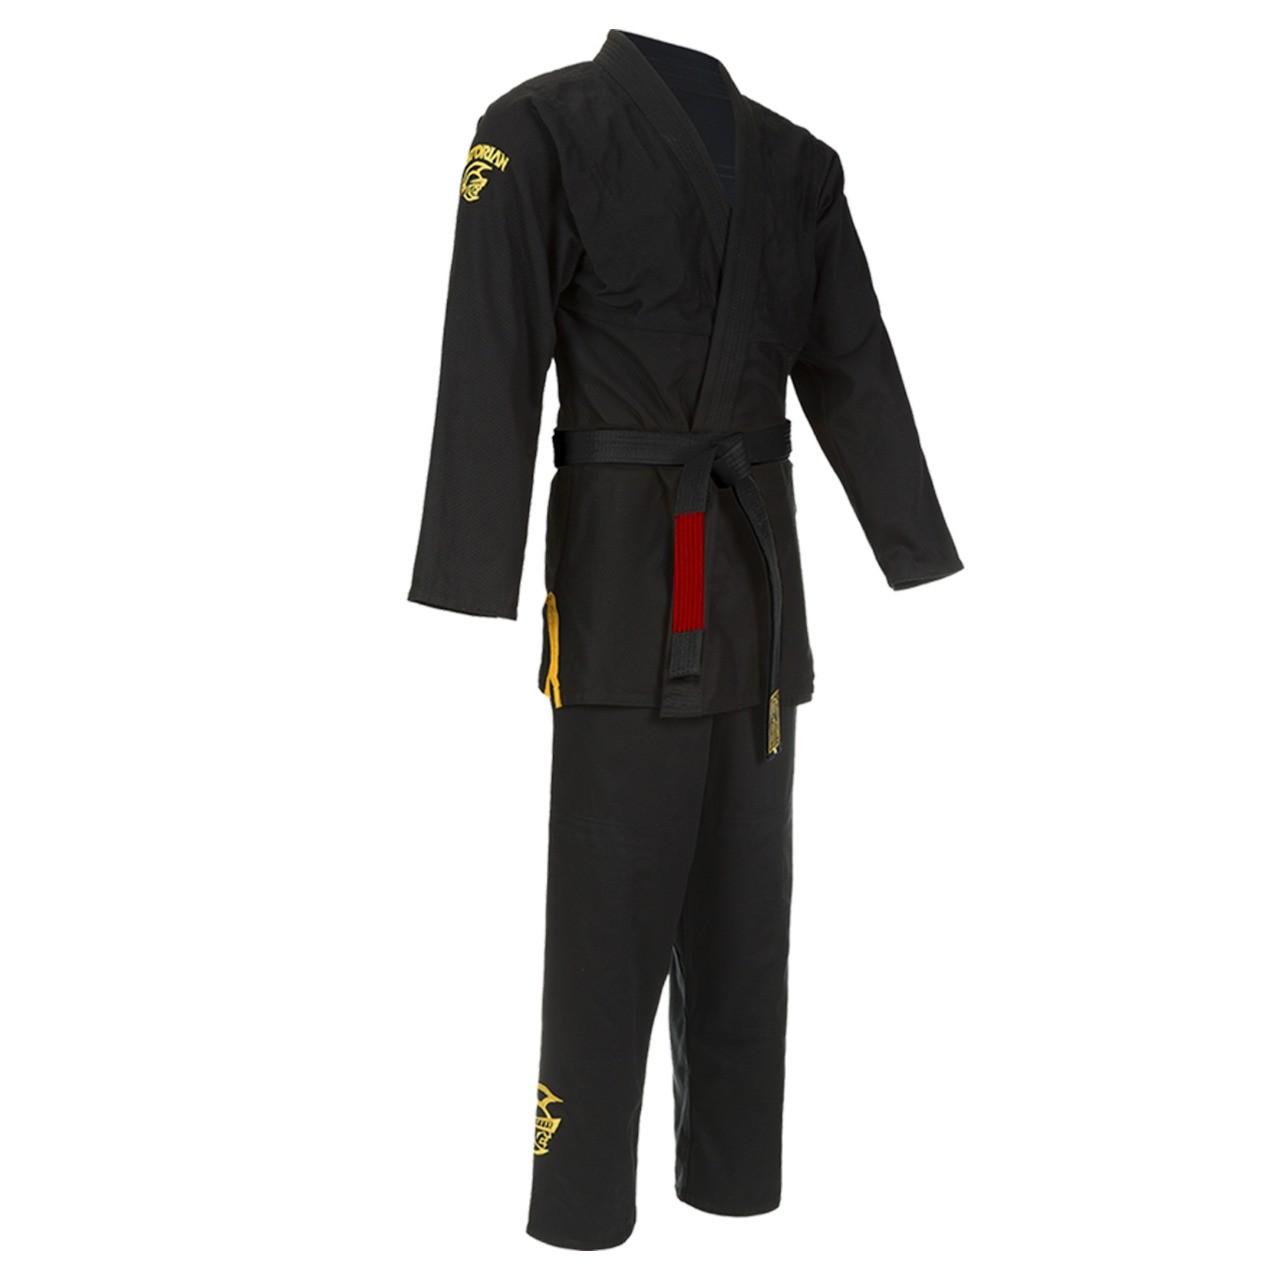 Kimono Pretorian Elite Training Preto